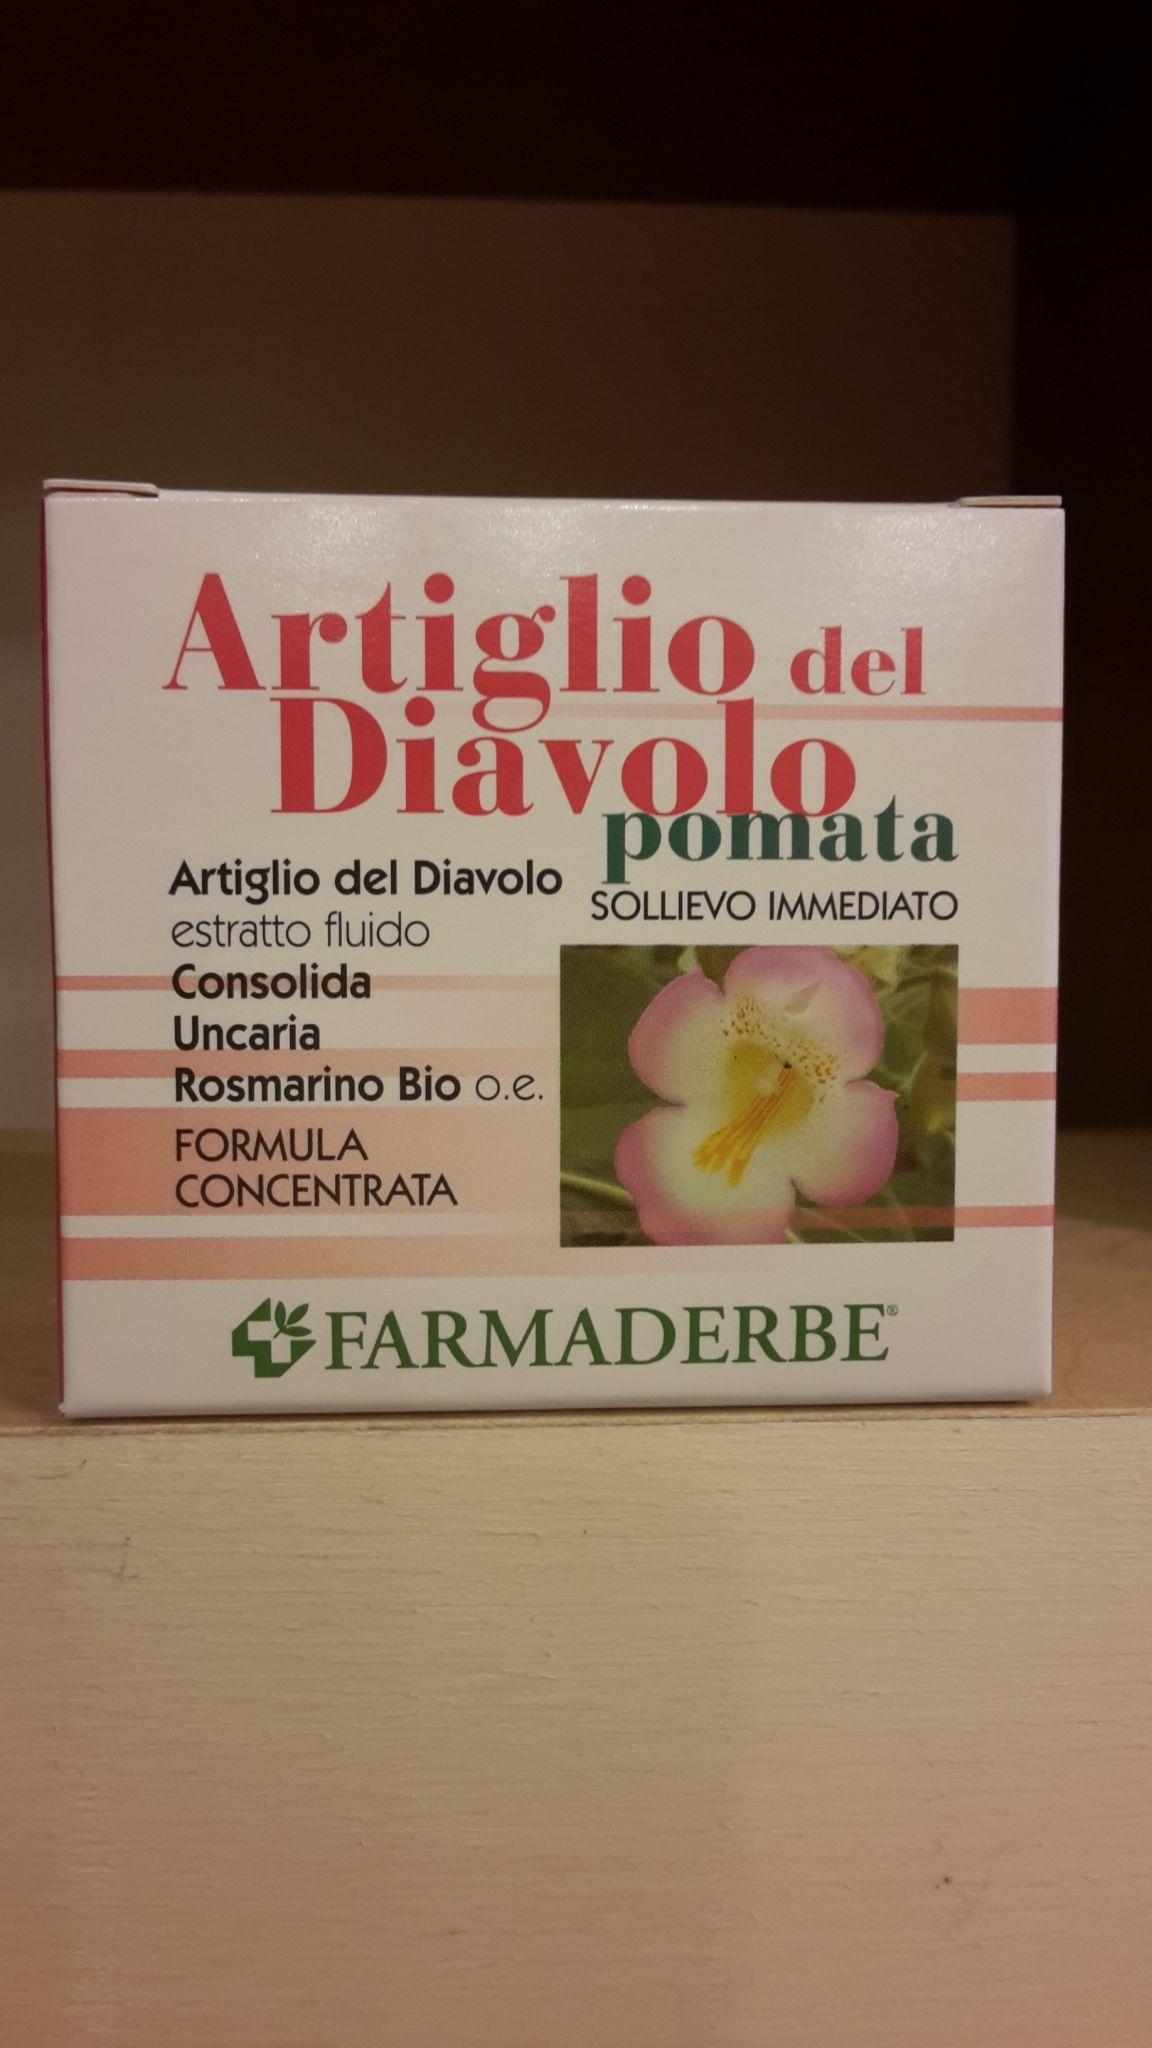 ARTIGLIO del DIAVOLO  pomata 75 ml - FARMADERBE